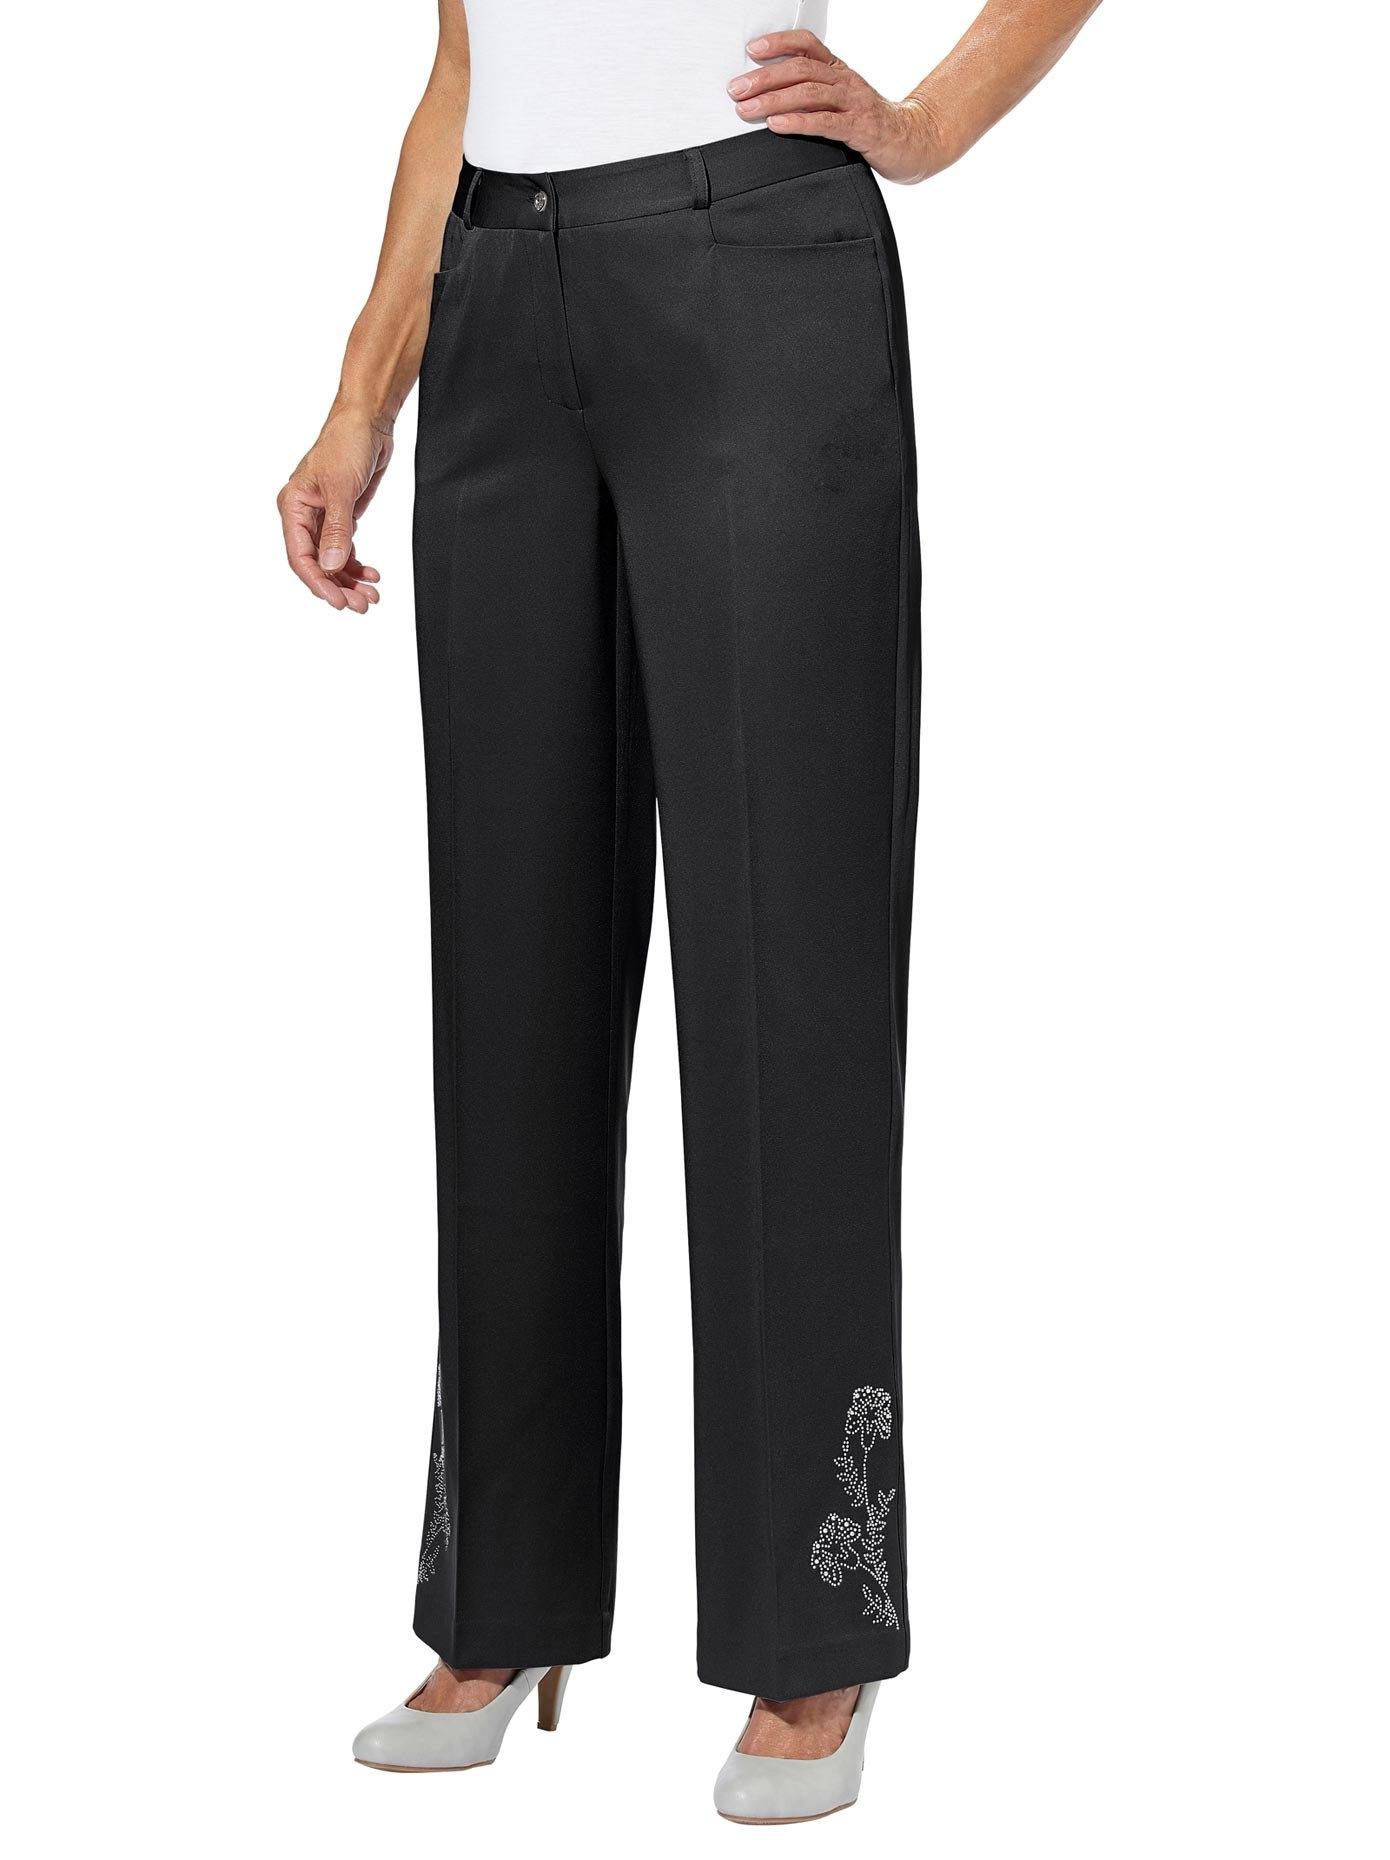 Lady geweven broek voordelig en veilig online kopen